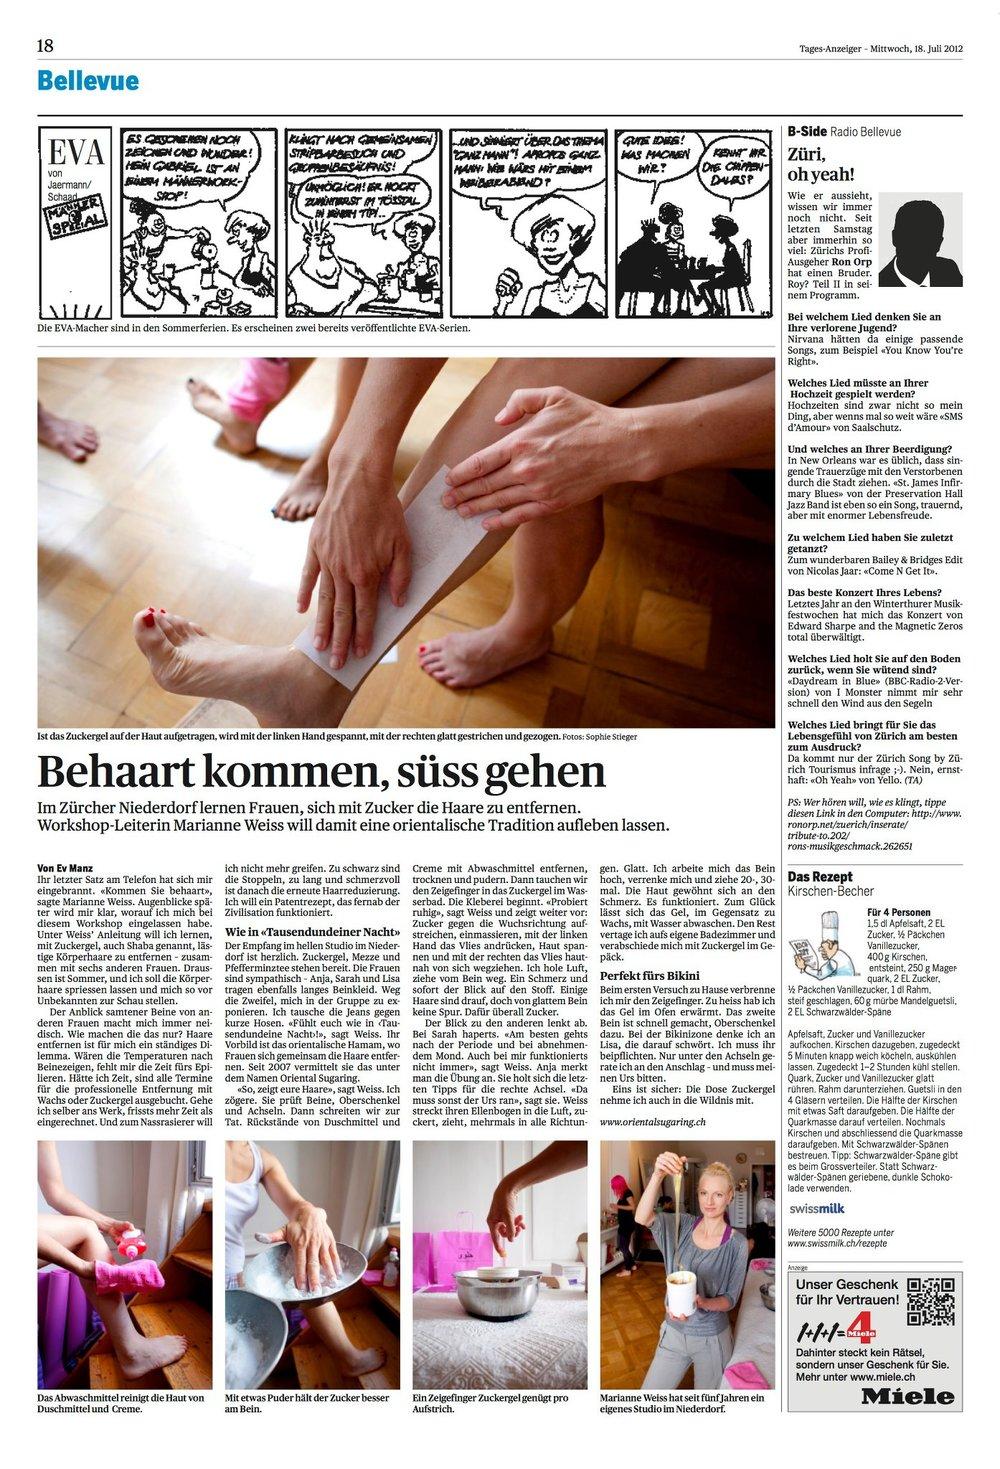 Tages Anzeiger, 18. Juli 2012